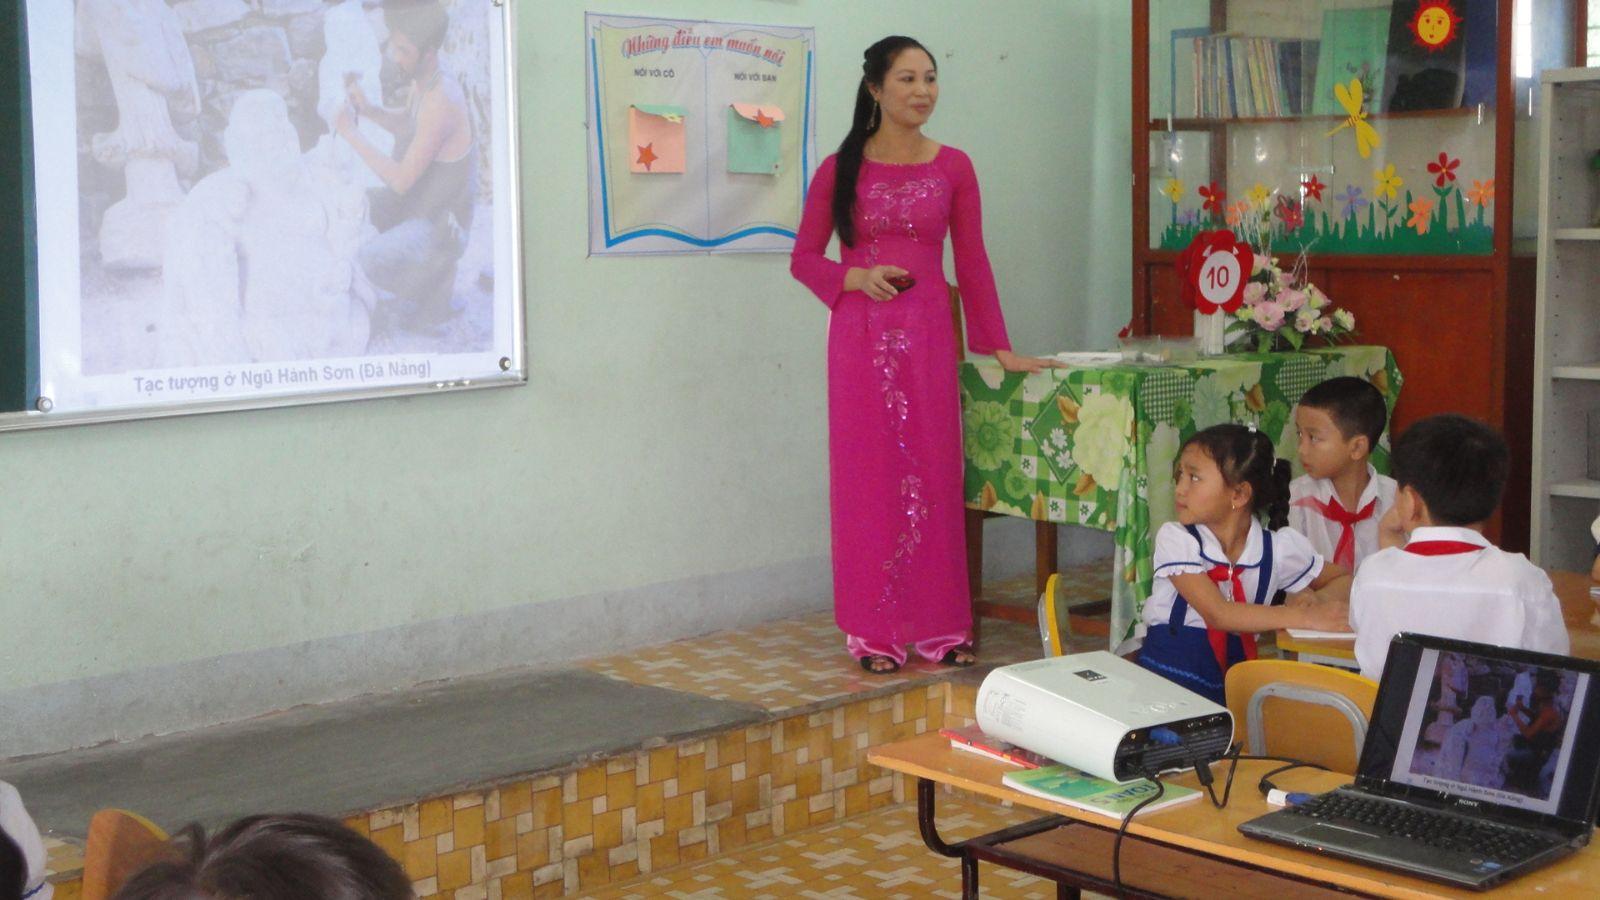 Hình ảnh cô giáo say sưa giảng bài